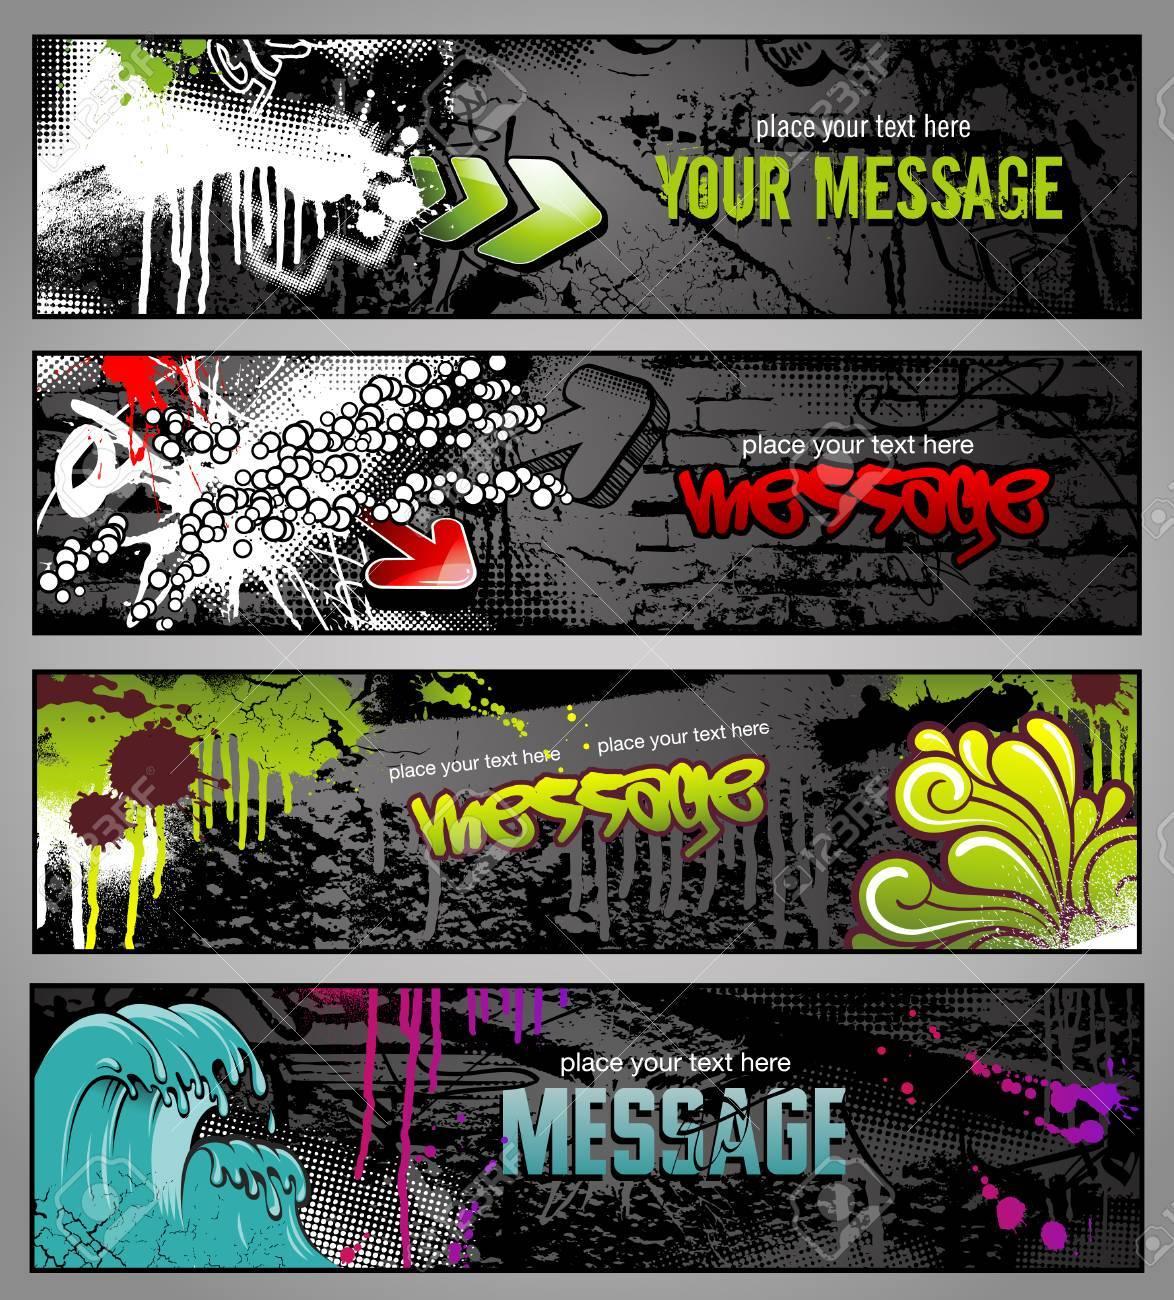 Your graffiti wall - Graffiti Wall Set Of Four Graffiti Style Grungy Urban Banners Illustration